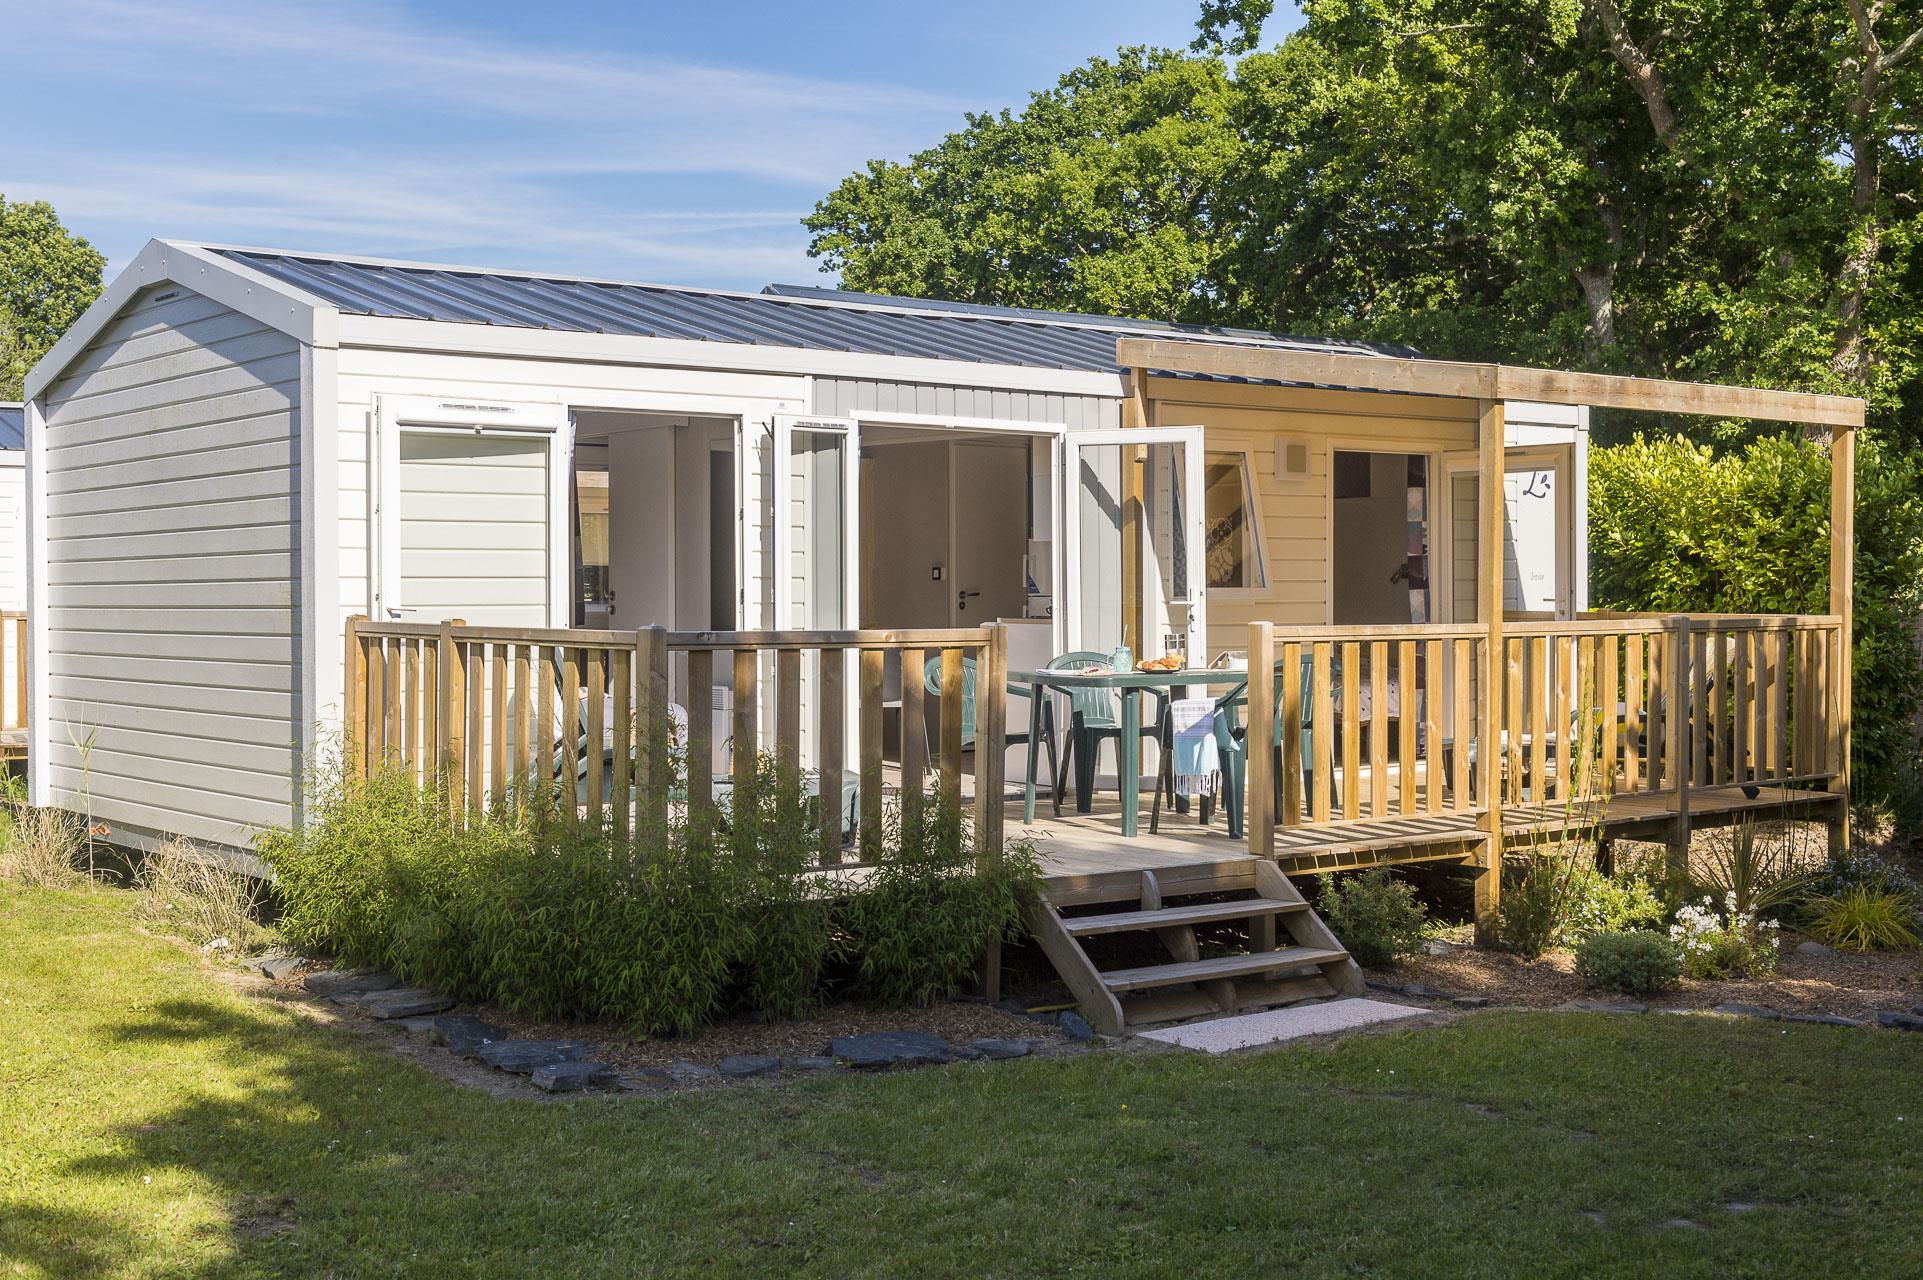 Location - Premium Iroise 2 Chambres 2 Salles D'eau 32M² - Camping Le Cabellou Plage